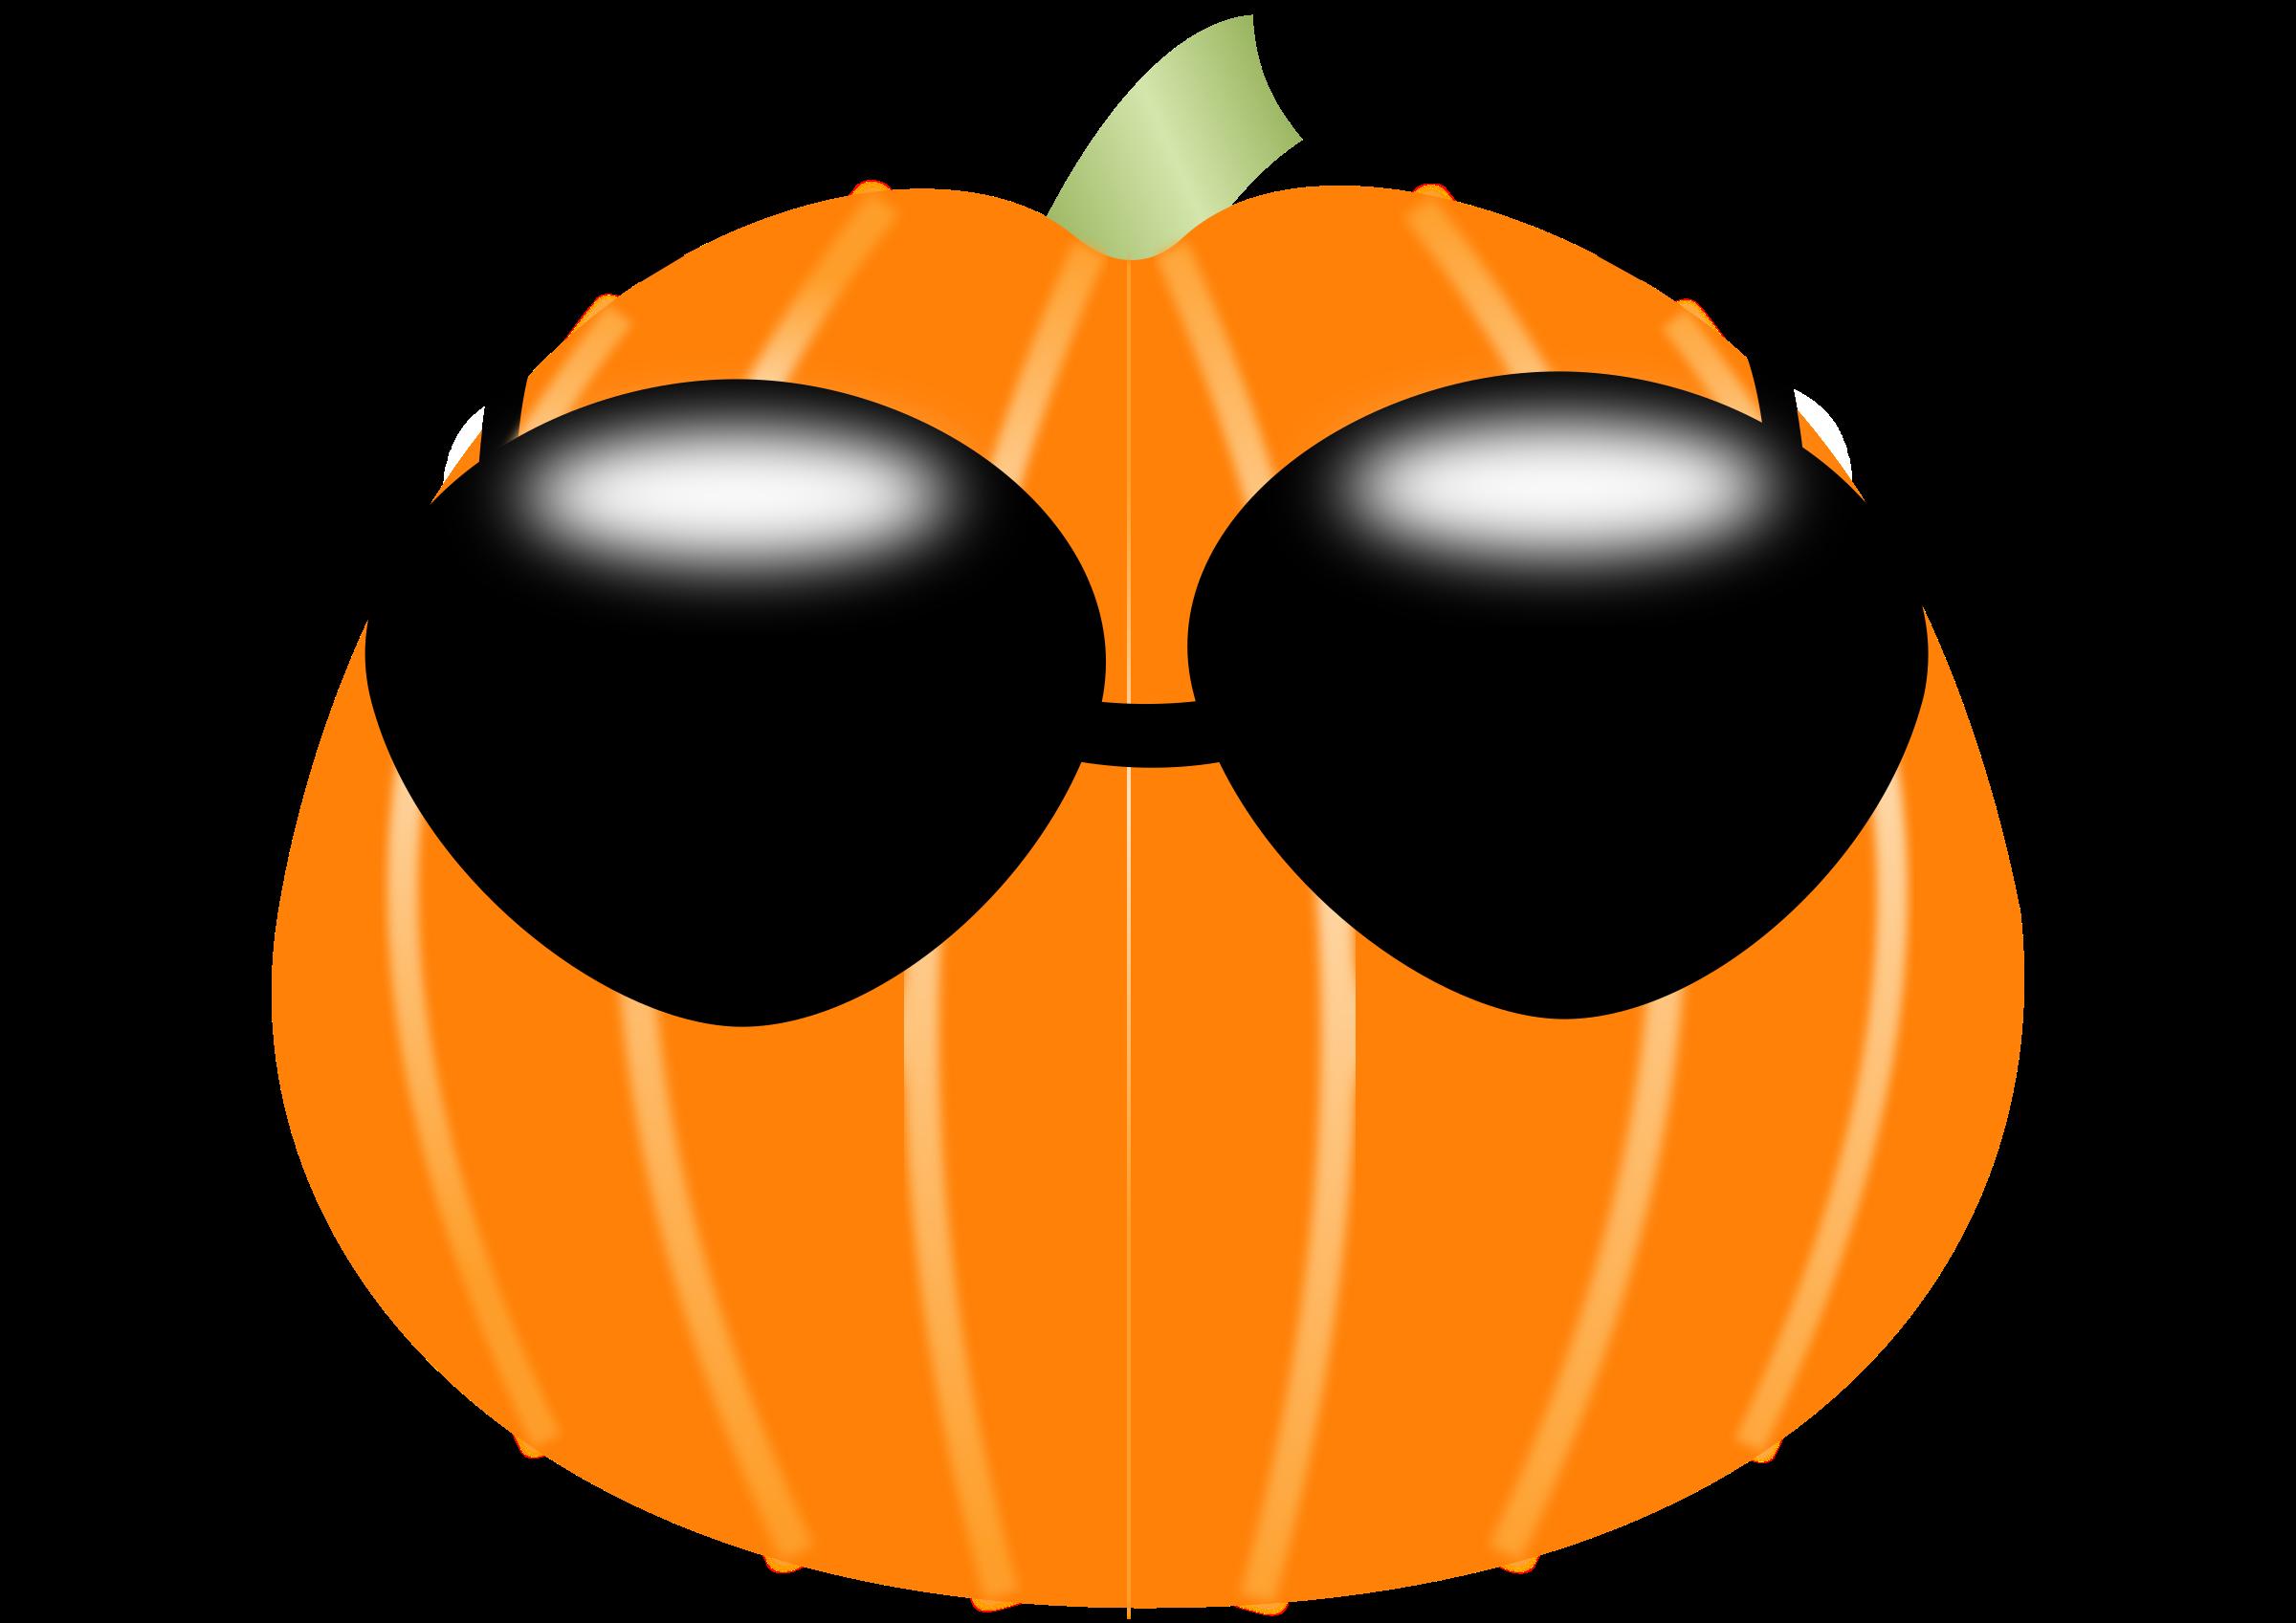 Pumpkin clipart sign. Wearing sunglasses